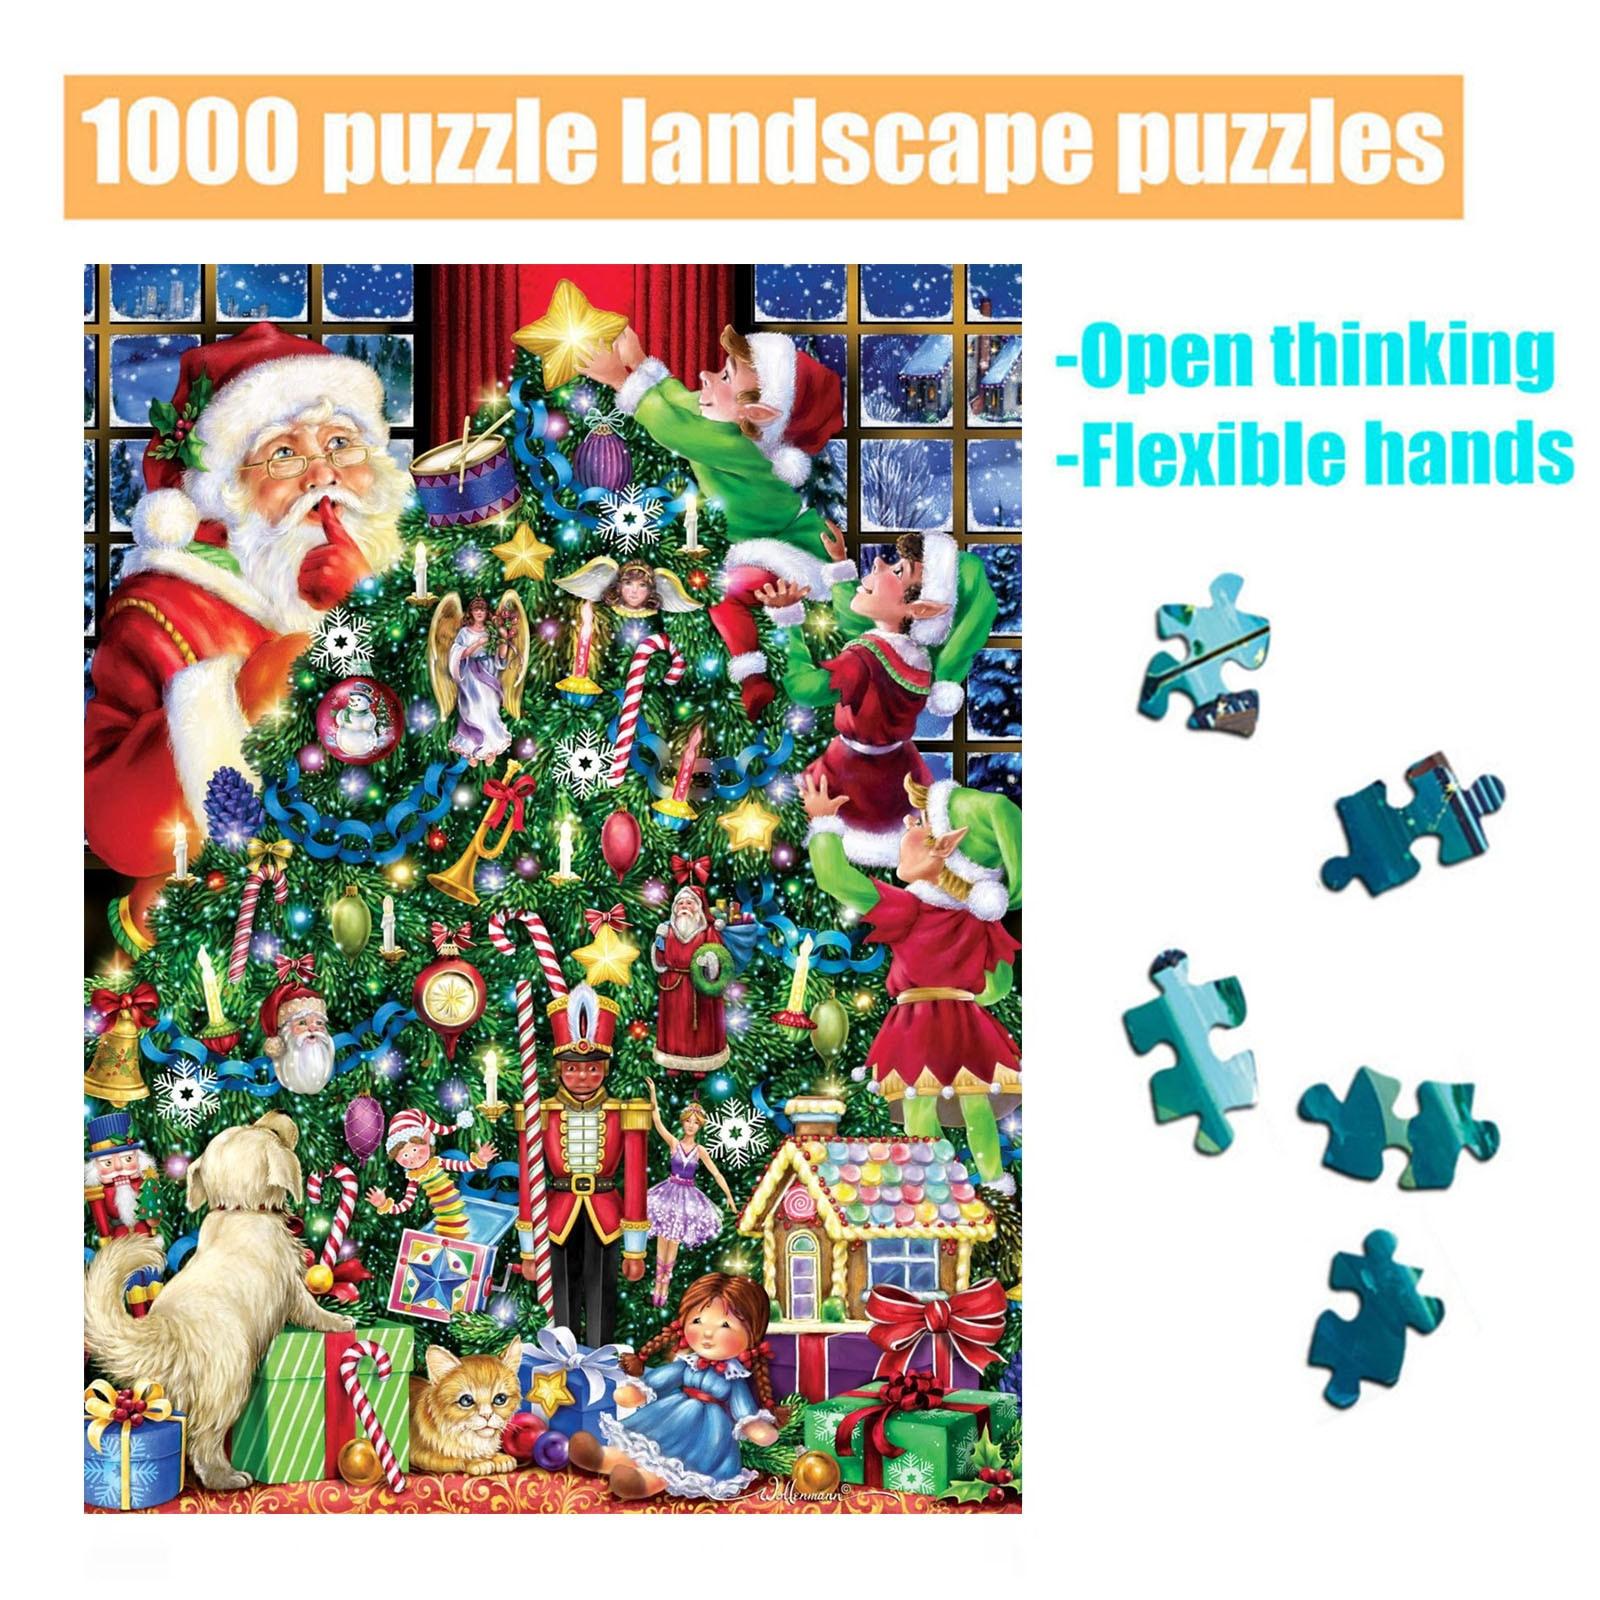 1000 grande adulto crianças educacional feriado presente padrão brinquedo natal grande quebra-cabeça difícil para adultos